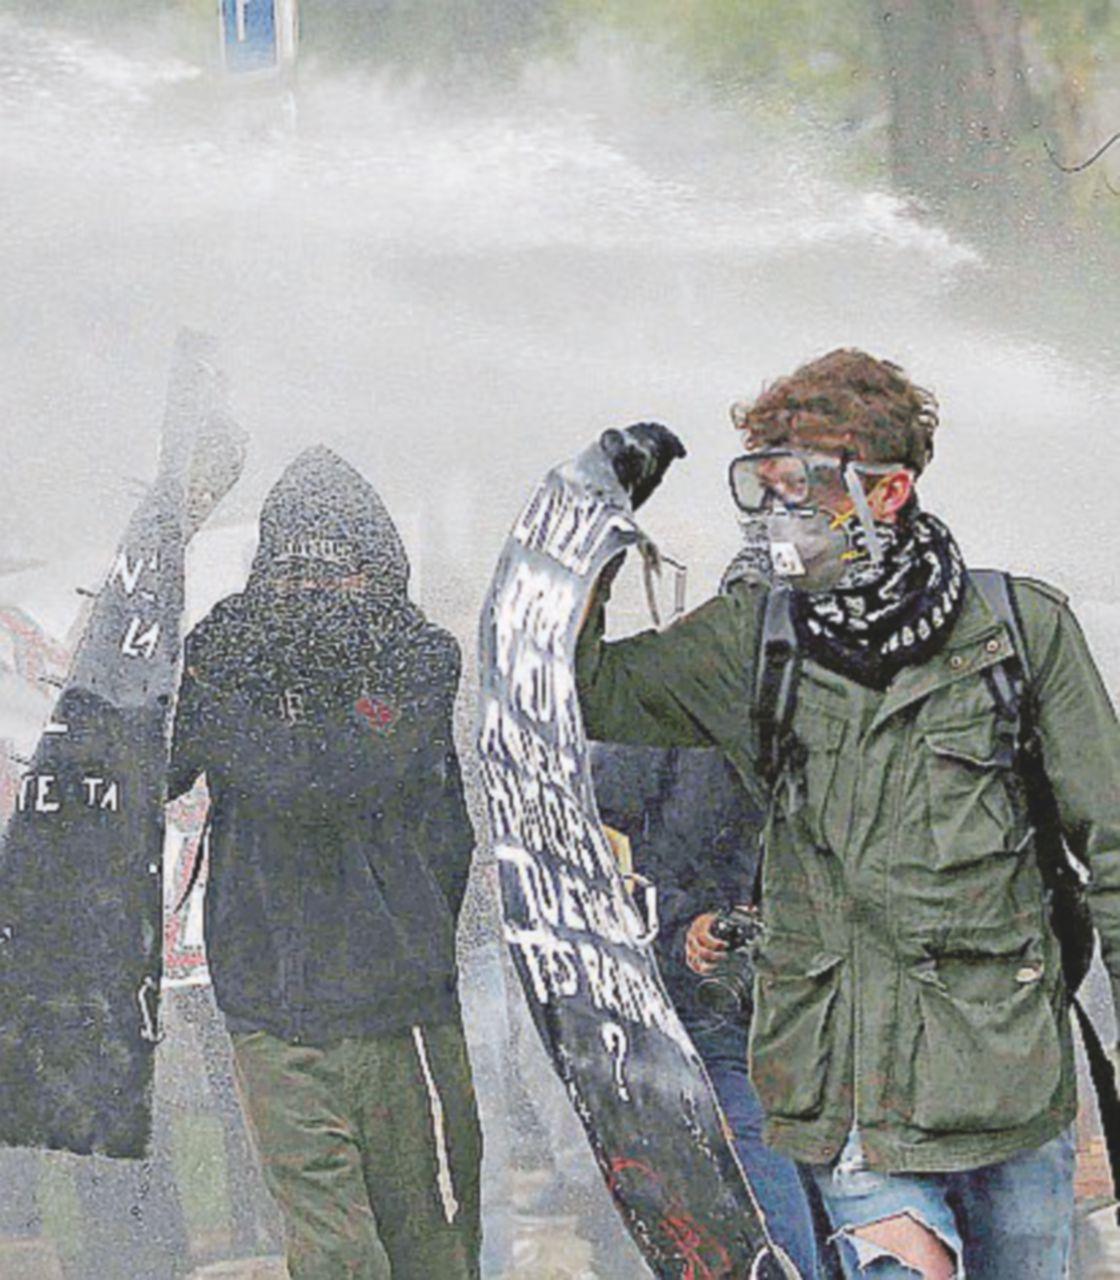 Loi Travail, ancora guerriglia: 87 fermi